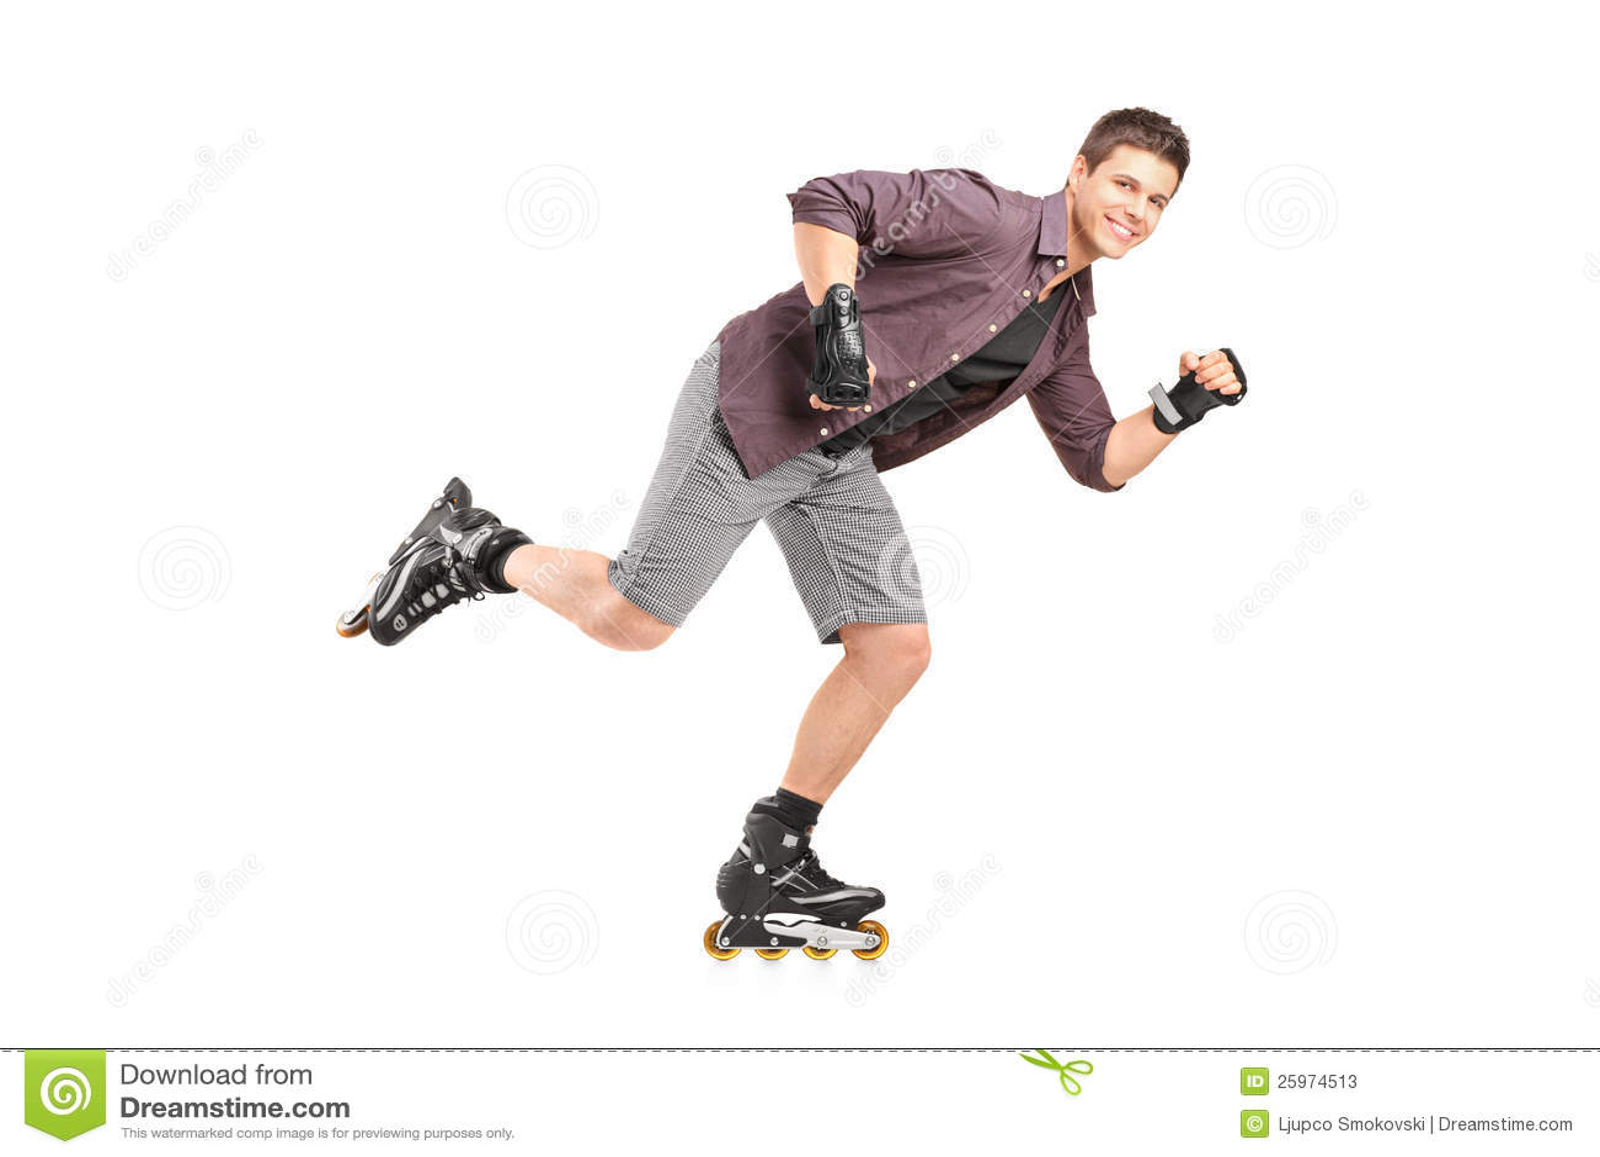 handsome-man-roller-skating-25974513.jpg